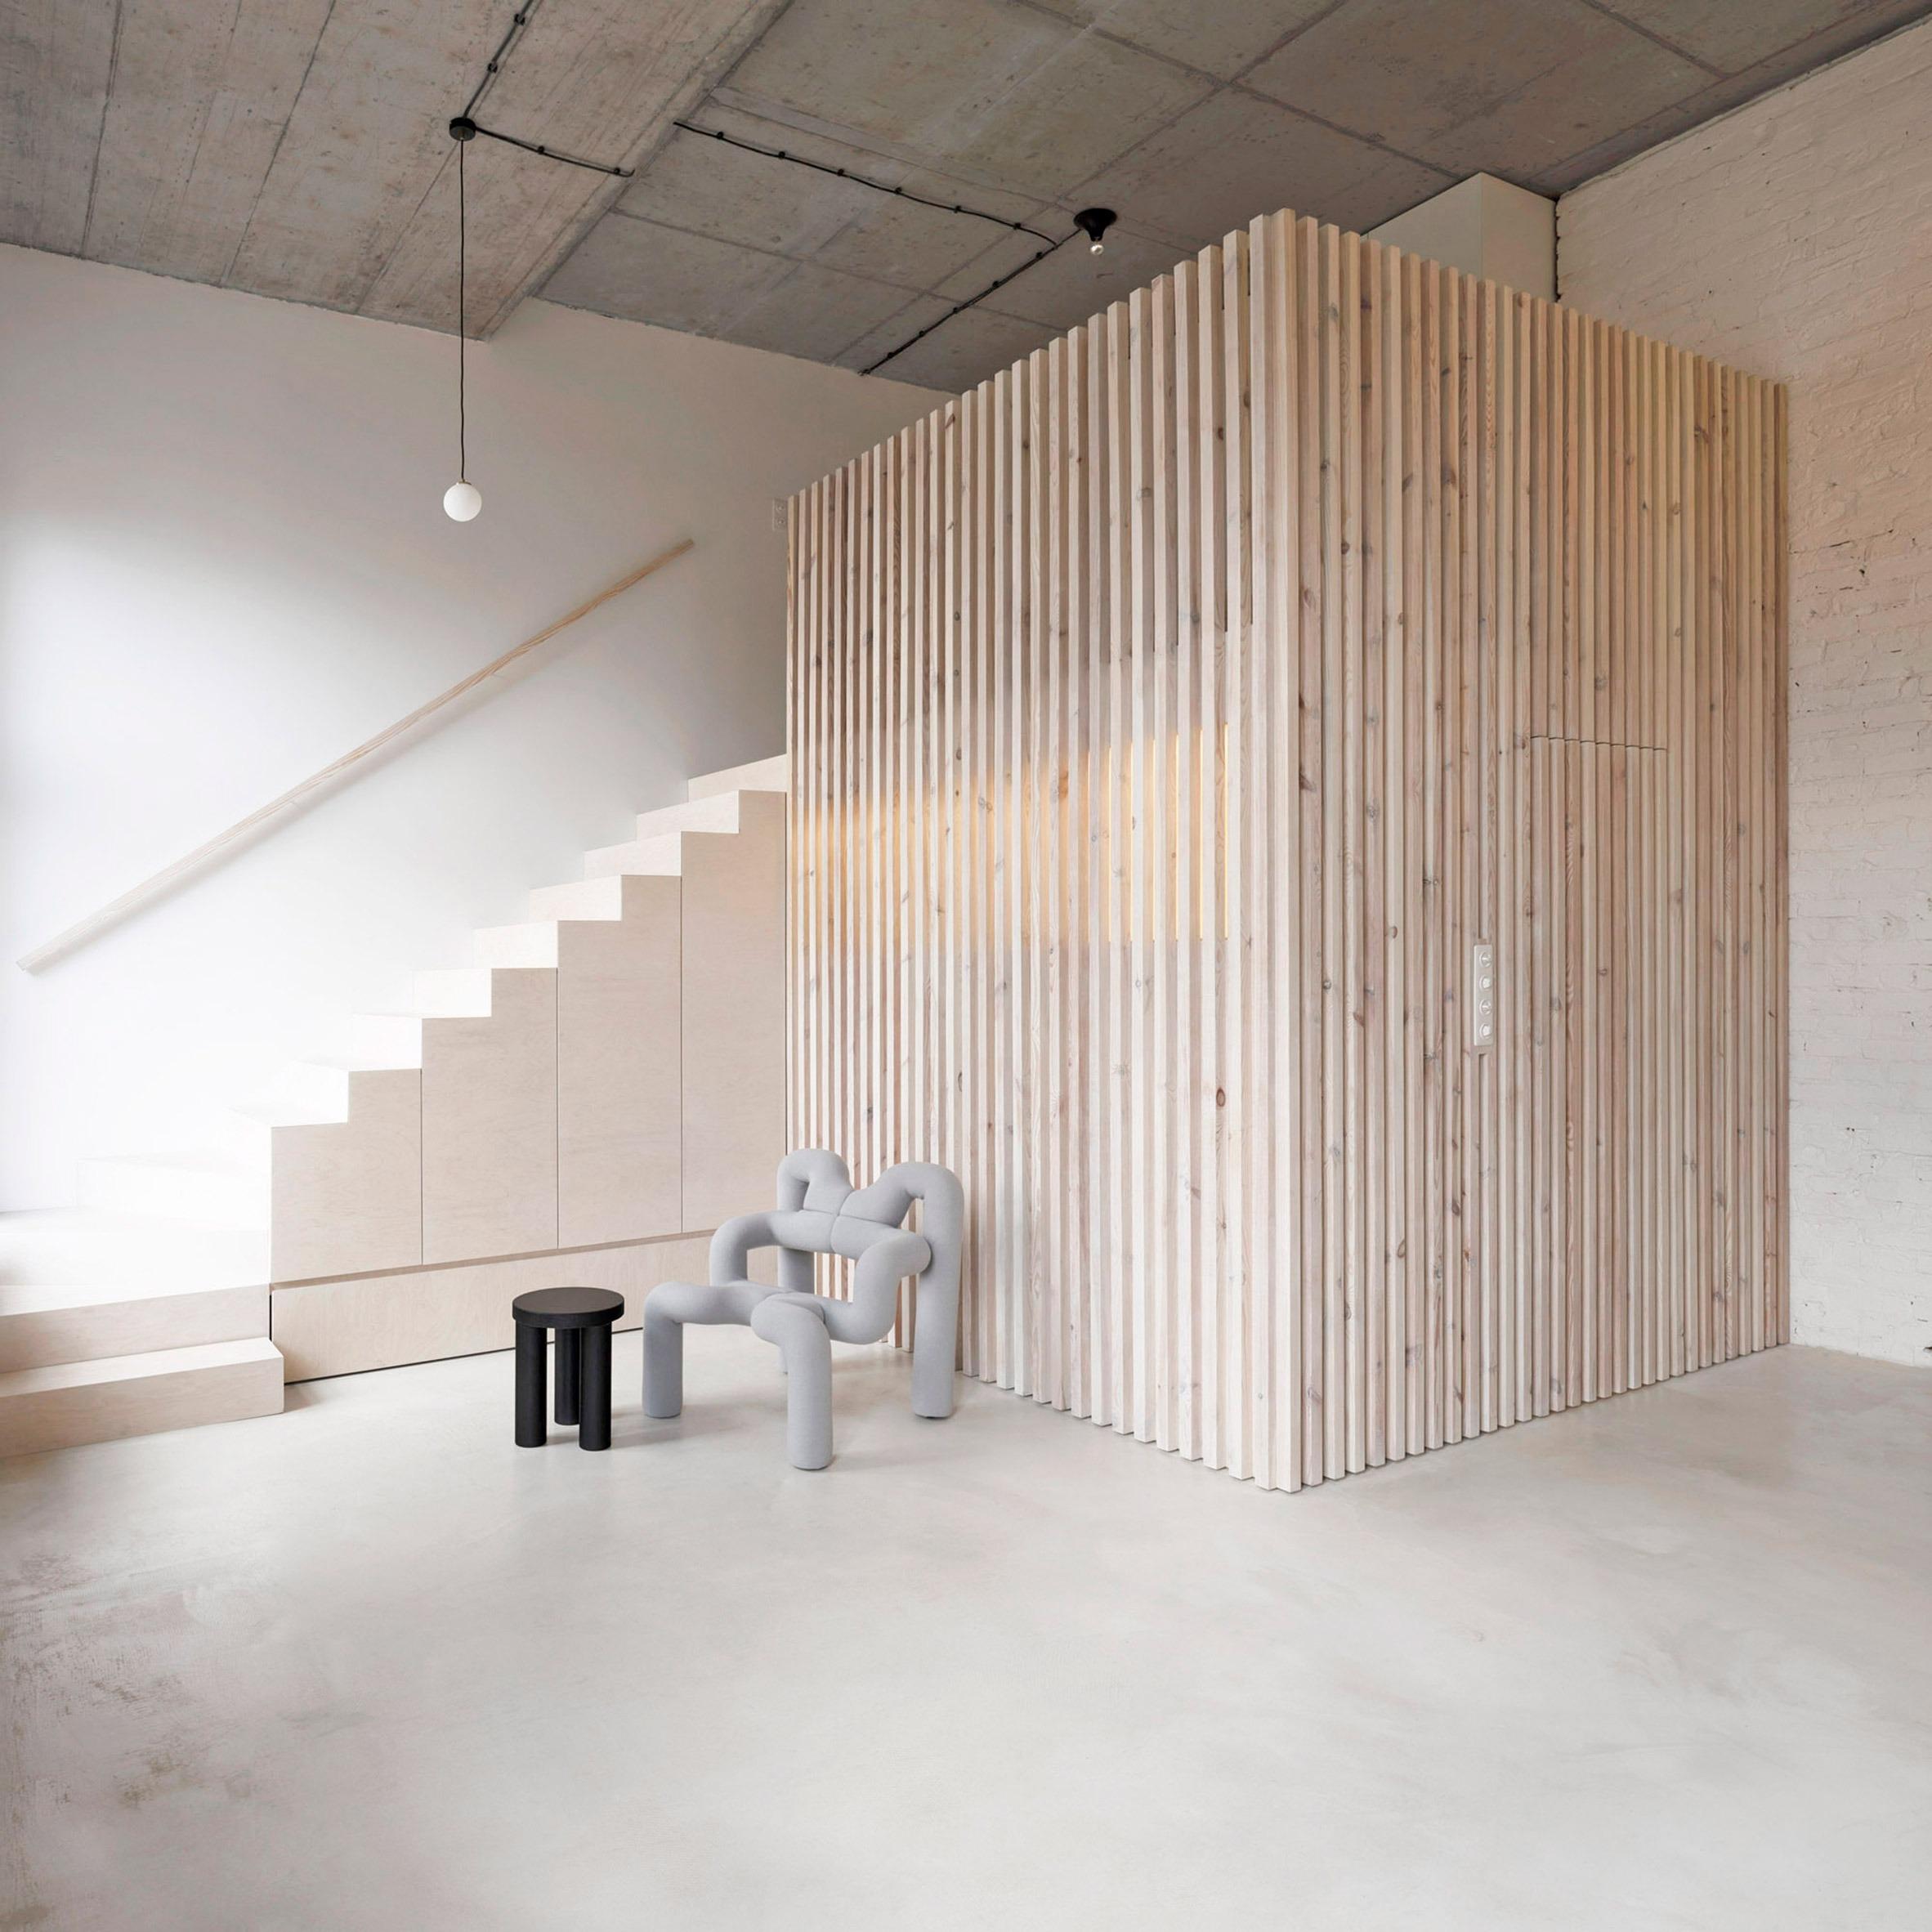 Baño y salón / Maja Wirkus